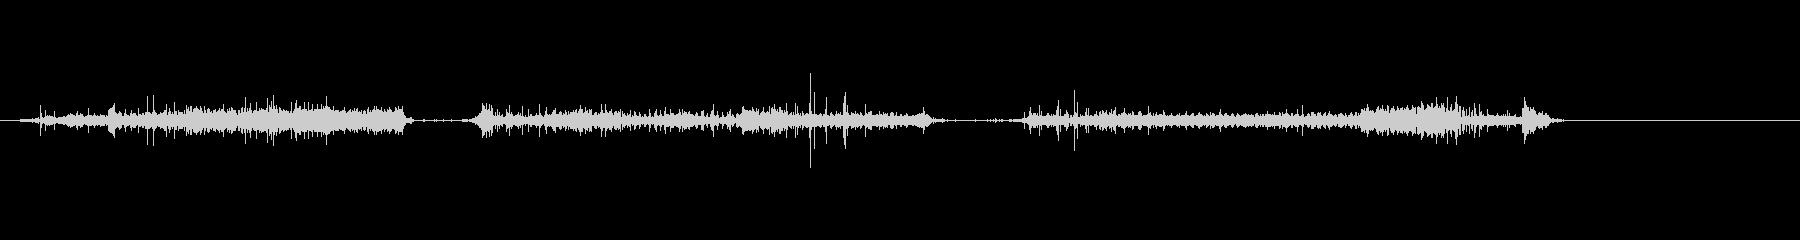 ペタルドス-ライト(ファイアー)ホ...の未再生の波形